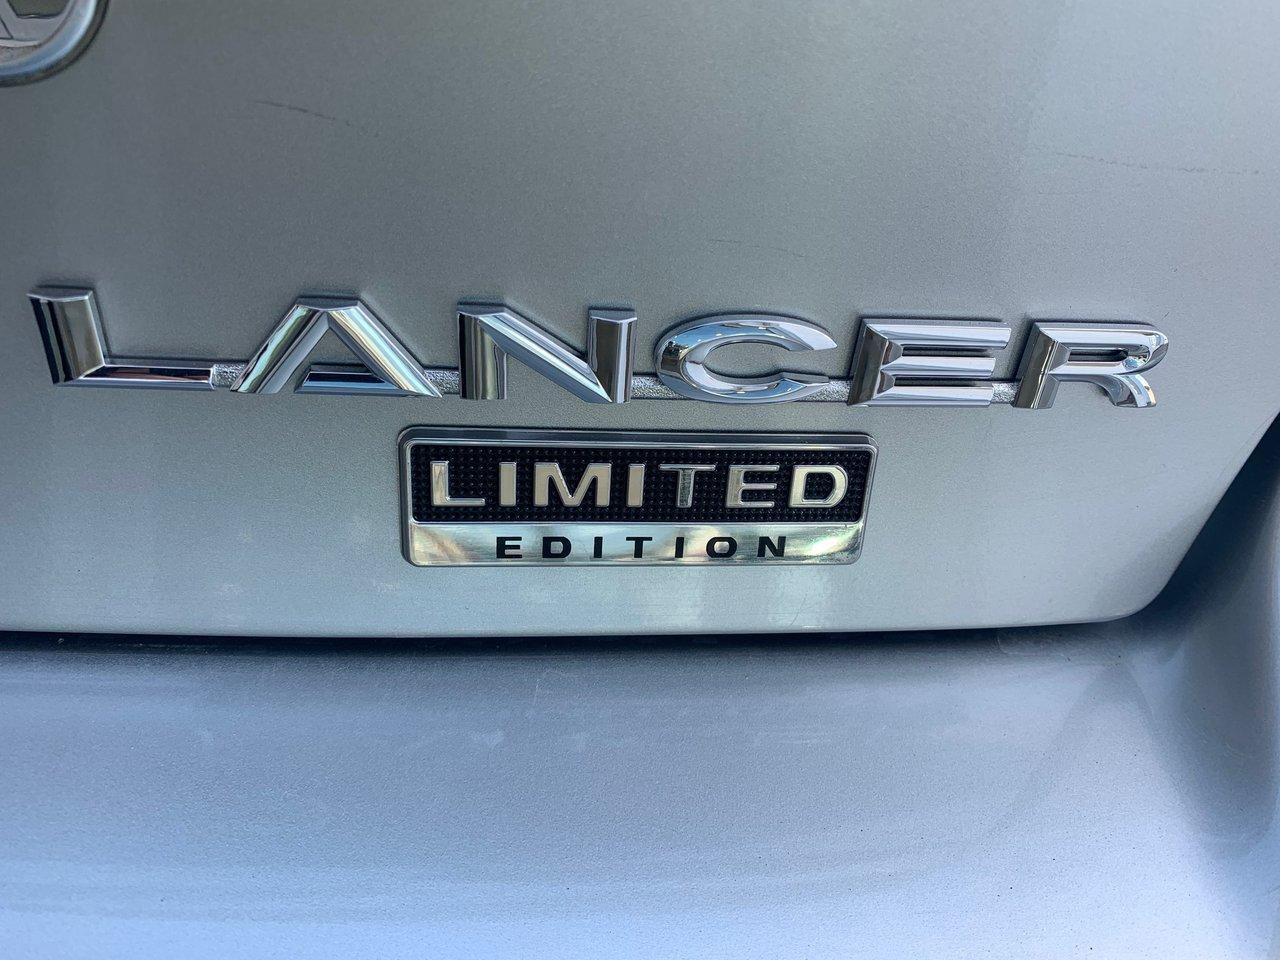 2017 Mitsubishi Lancer LIMITED